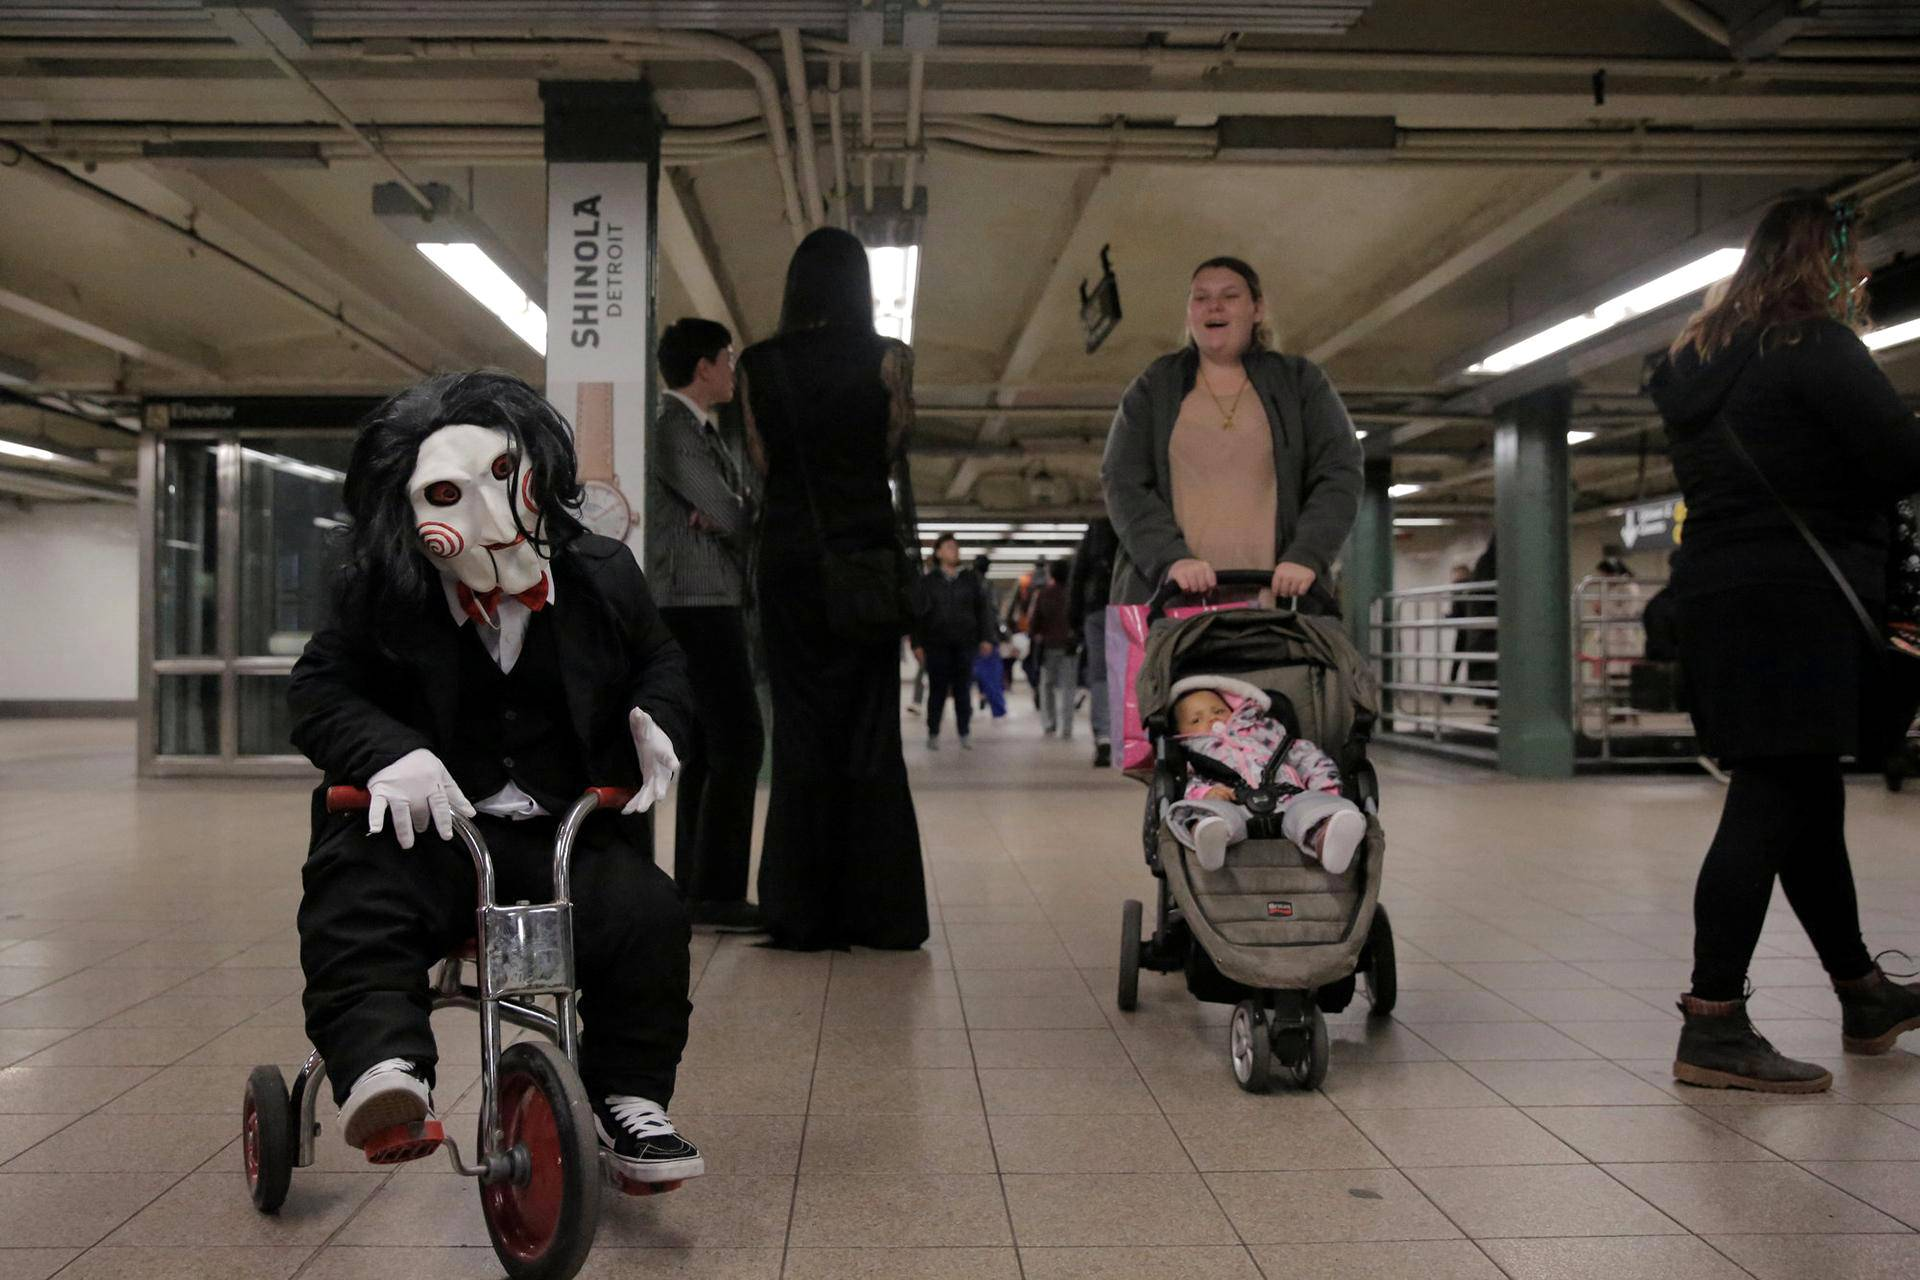 Saw-elokuvien Jigsaw-sarjamurhaajaksi pukeutunut matkustaja pyöräili metroasemalla Manhattanilla.